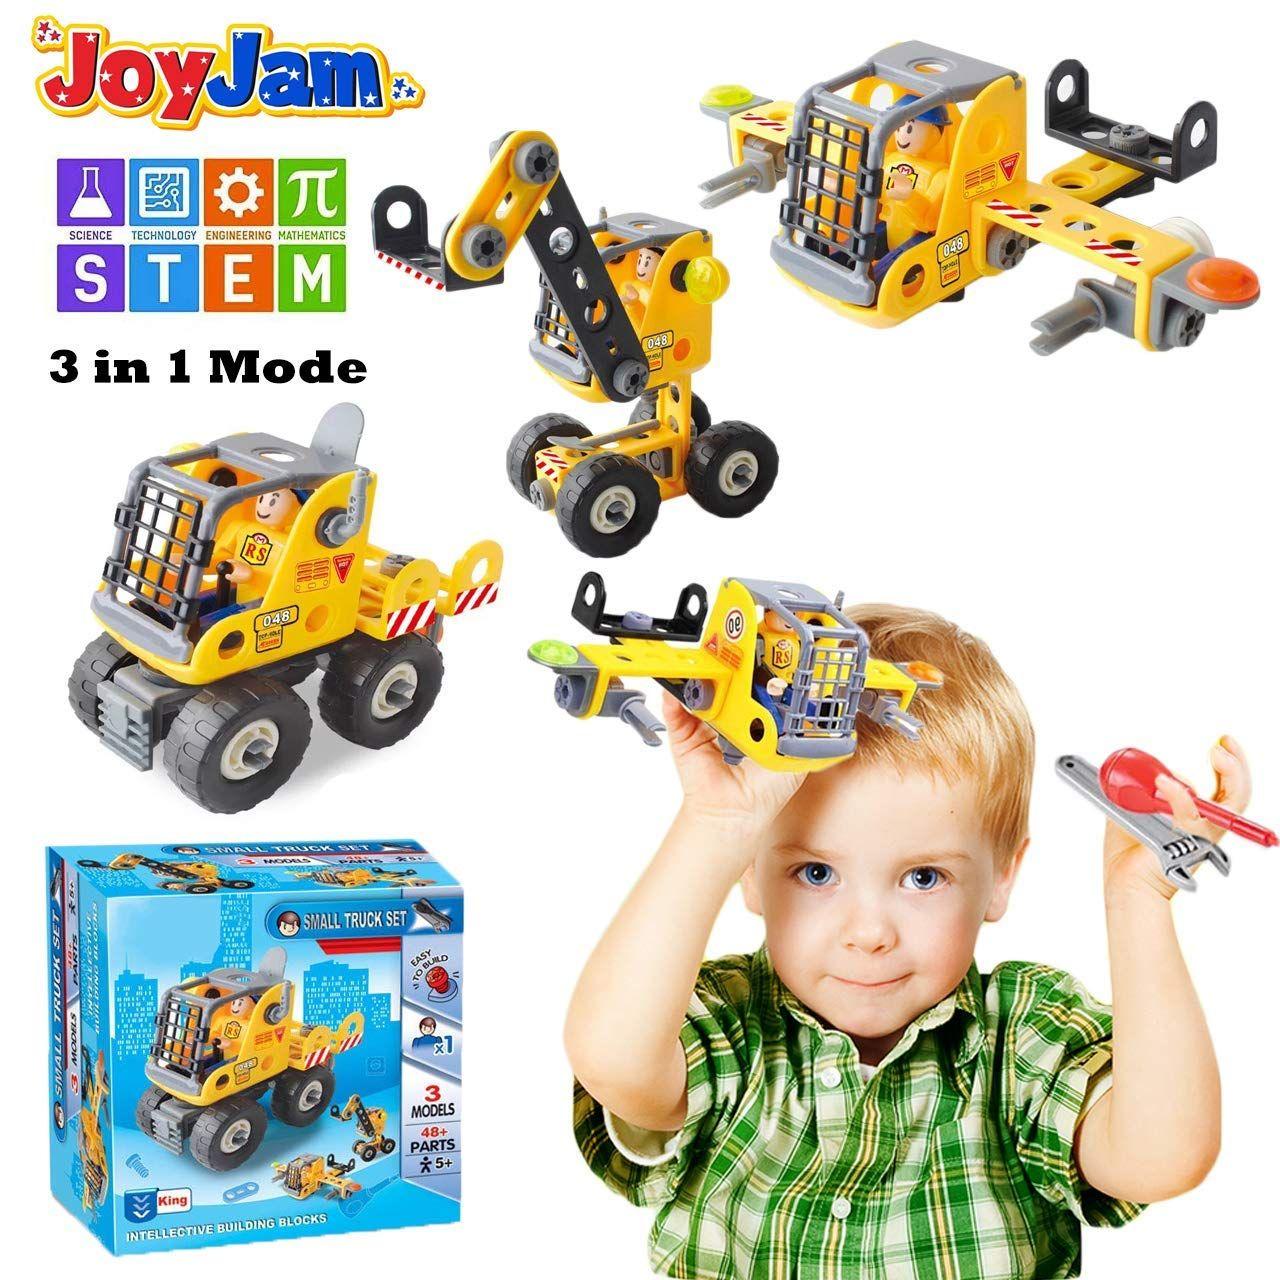 Joy Jam Spielzeug Fur 5 8 Jahre Alte Jungen Bauspielzeug Konstruktion Spielzeug Bergpolizei Bergbau Tr Geschenke Fur Jungs Adventskalender Geschenke Spielzeug